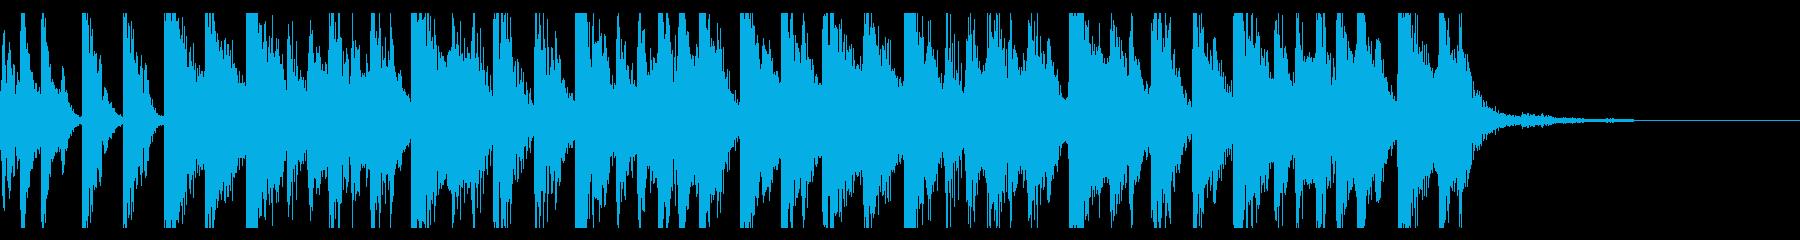 80年代ユーロビート風ジングルの再生済みの波形